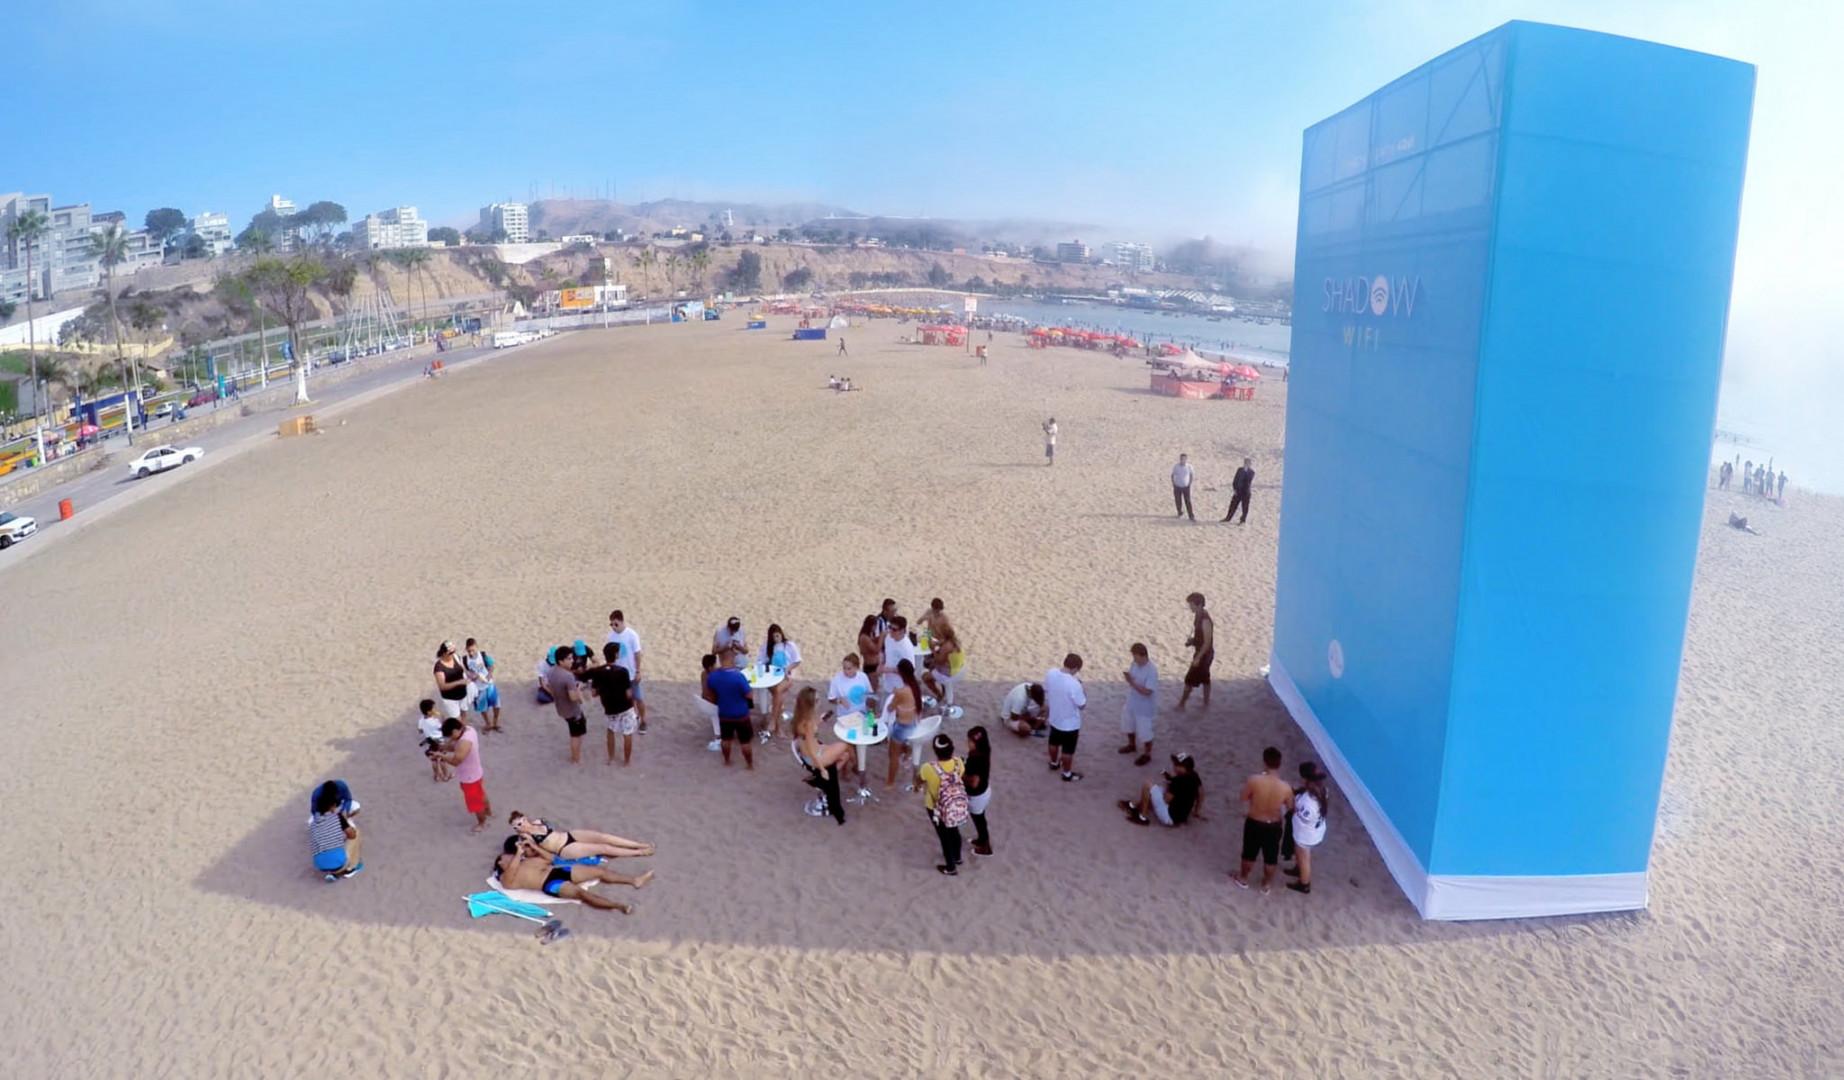 En maoi 2015, l'agence de communication Happiness Brussels ont installlé ces géantes bornes Wi-Fi sur une plage de Lima (Pérou). Dans la zone ombragée formée par cette tour, le Wi-Fi est disponible gratuitement.